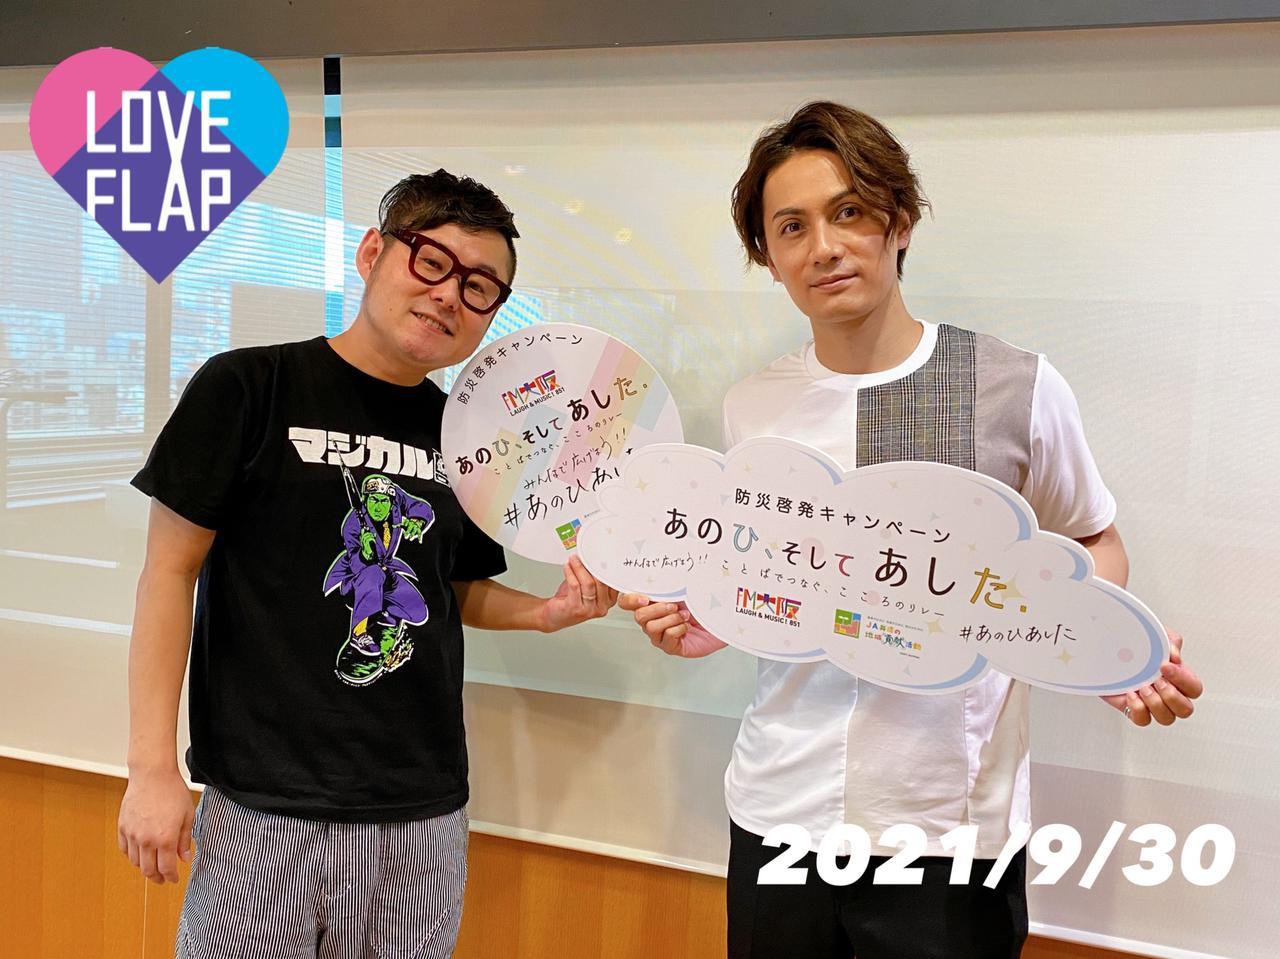 画像: 今日のゲストは、俳優の加藤和樹さんでした!